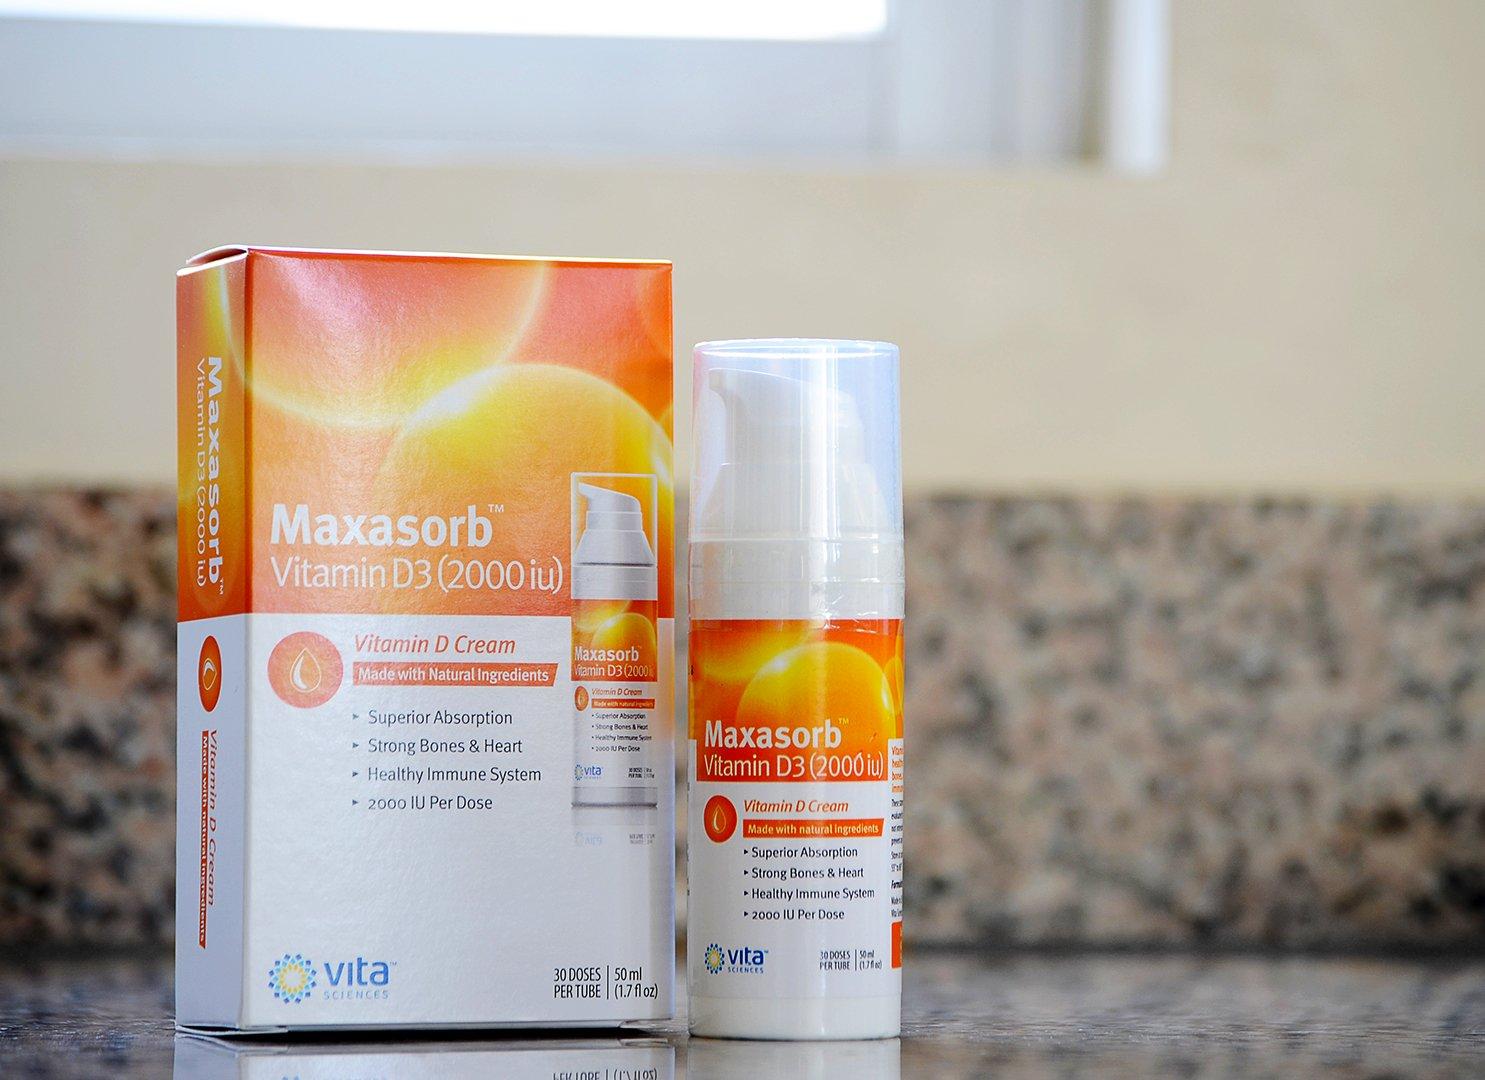 Vitamin D Cream Safe for Psoriasis Sufferers - Premium ...